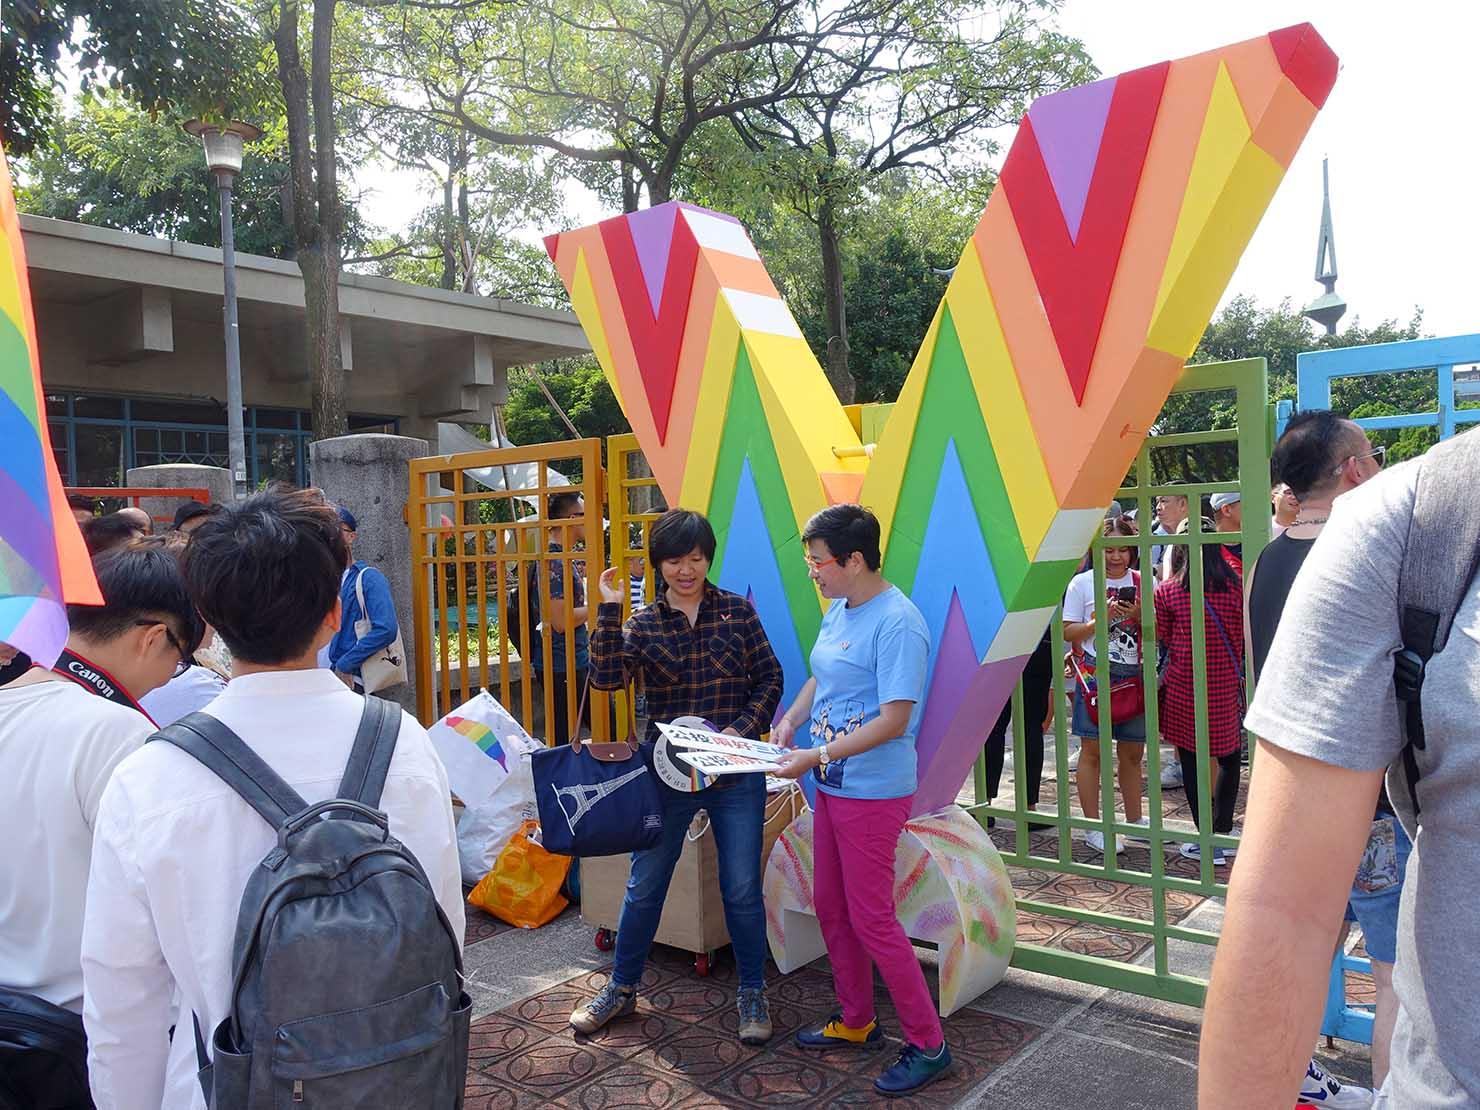 台灣同志遊行(台湾LGBTプライド)2018で二二八和平紀念公園に設置されたオブジェ